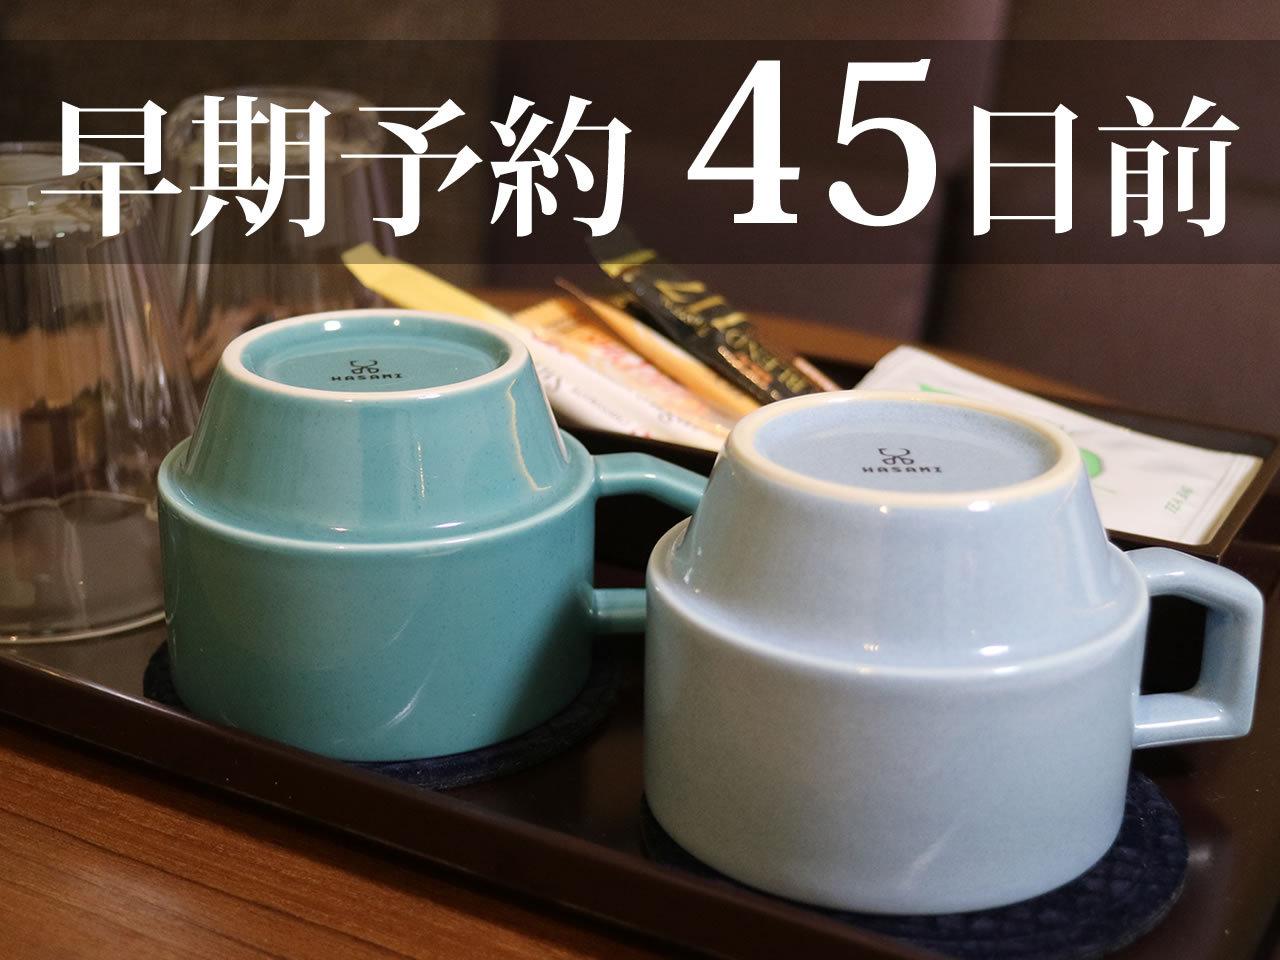 【さき楽】45日前予約限定プラン■朝食付き